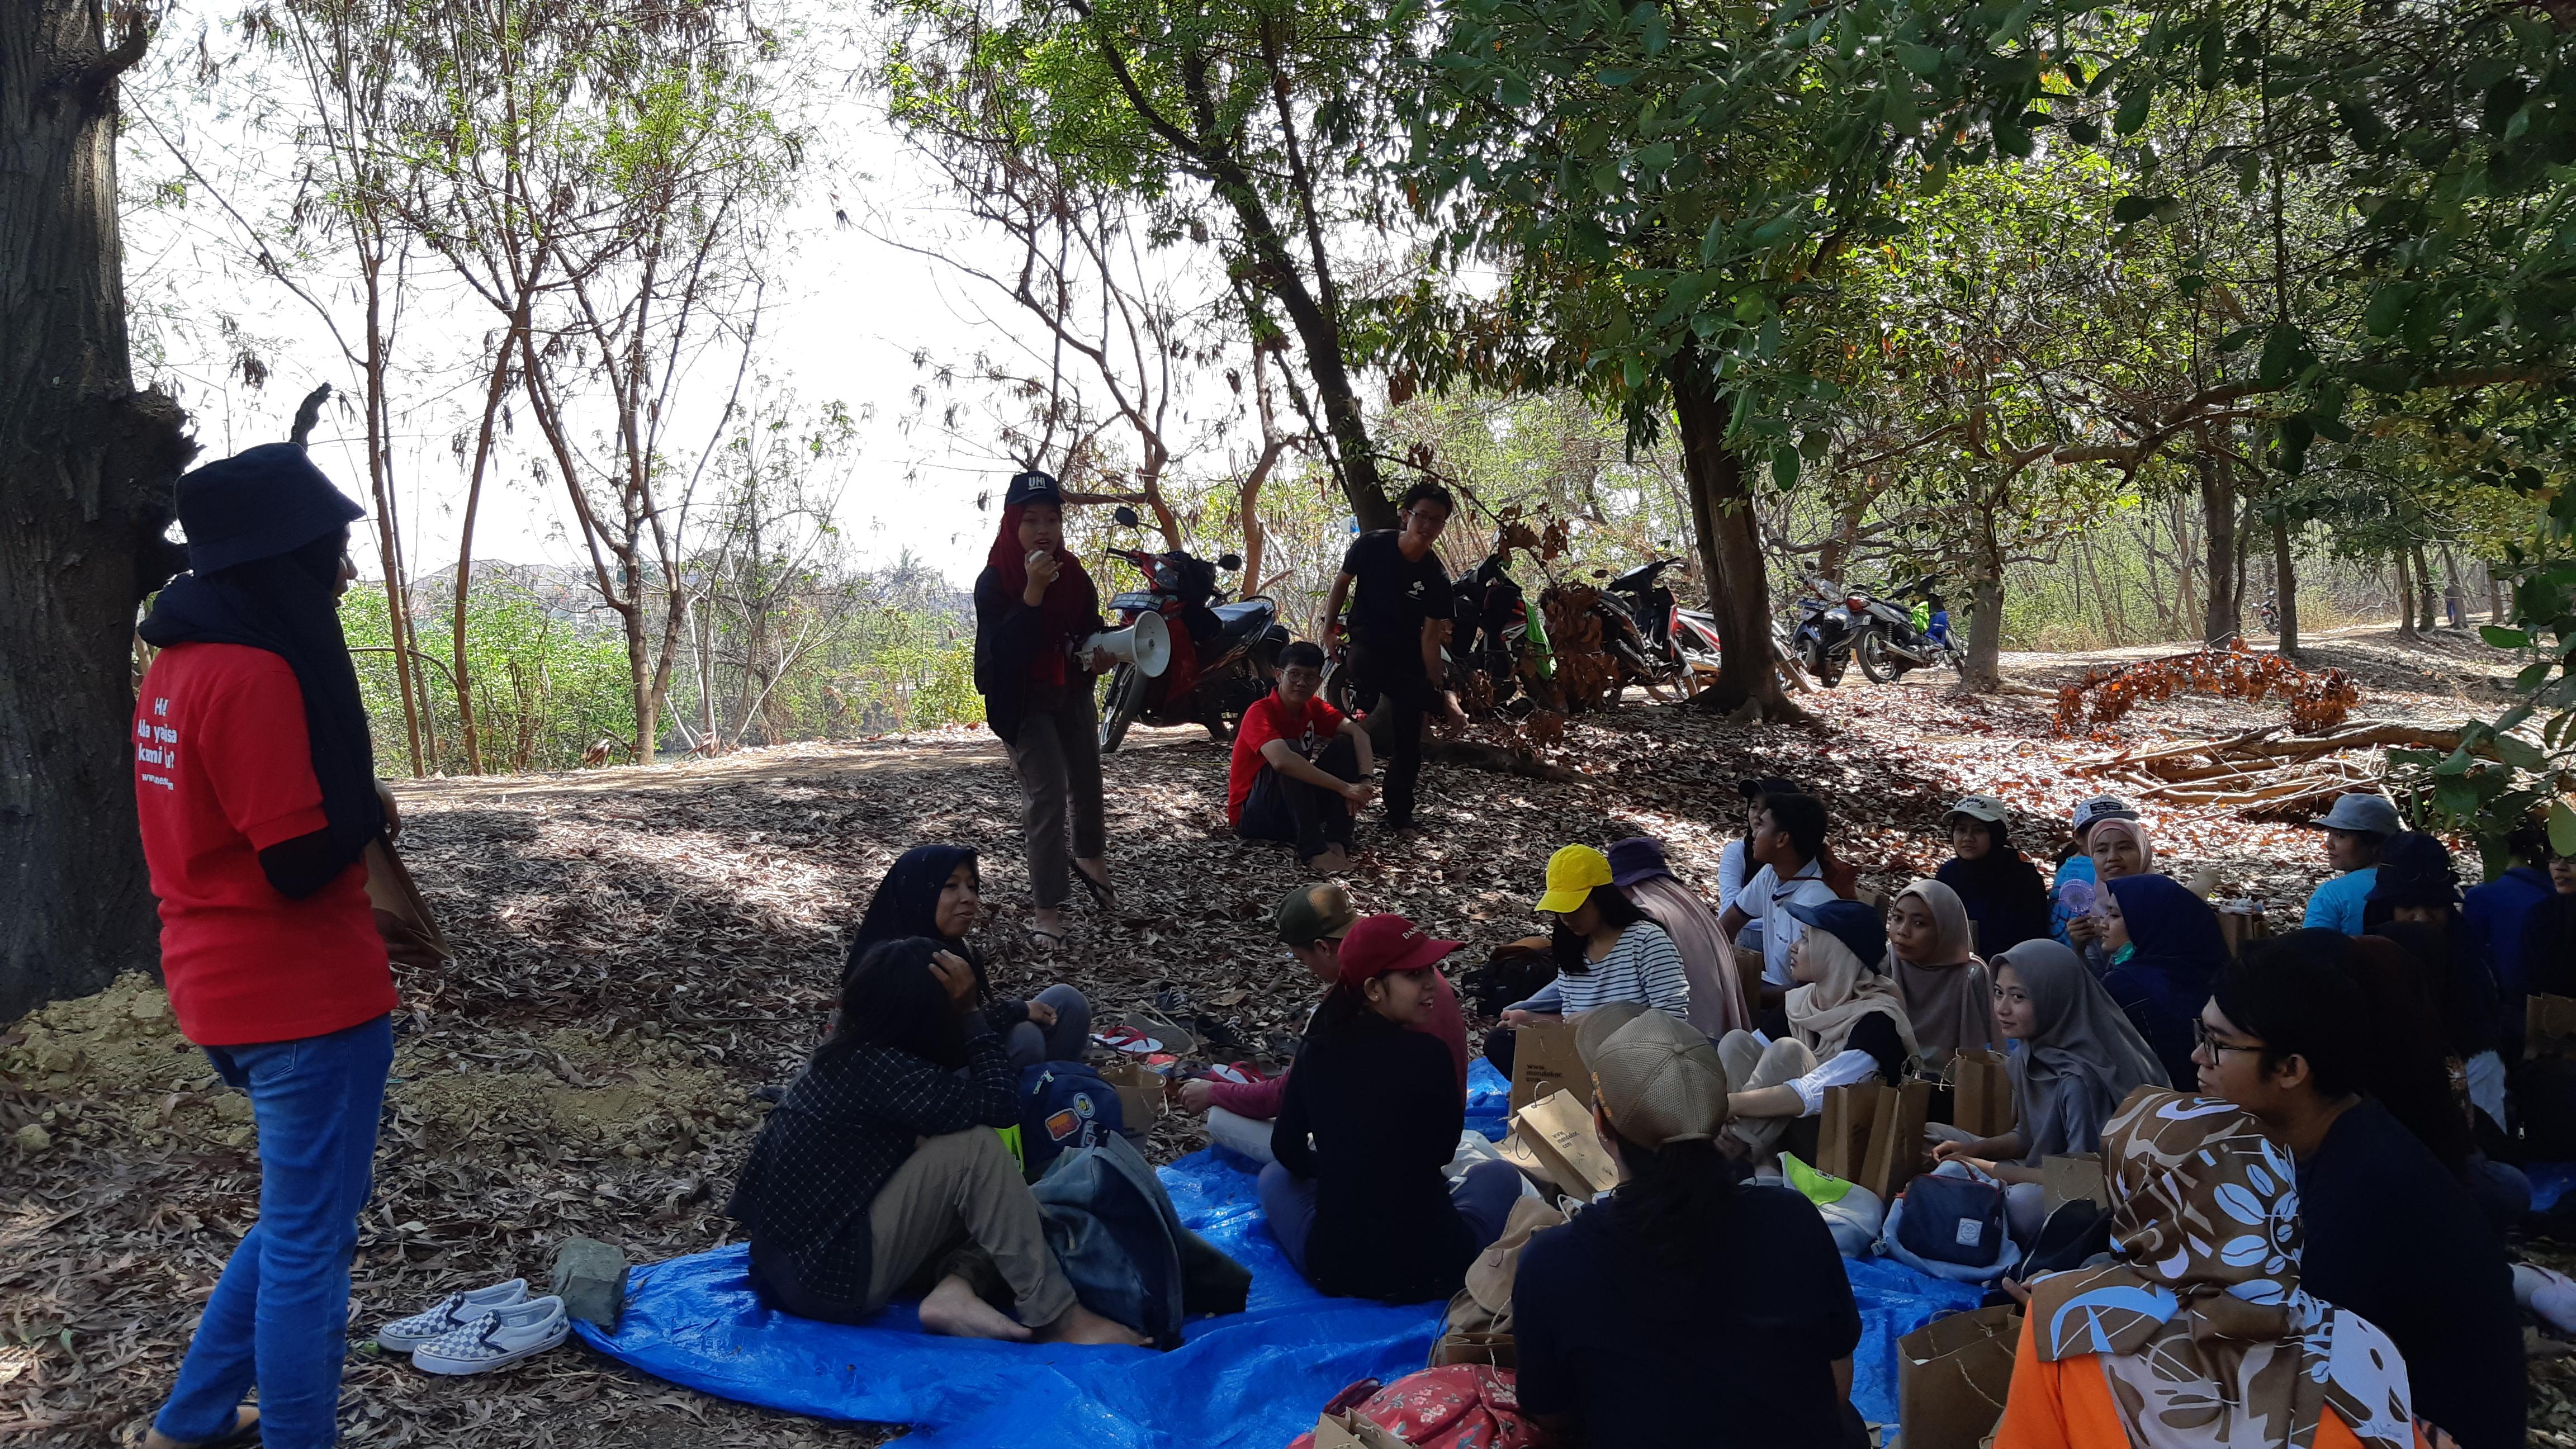 Peserta dan Karyawan PT. Mendekor Anugerah Indonesia Mendengarkan Materi Tentang Mangrove di Ekowisata Mangrove Pantai Indah Kapuk, Jakarta Utara.